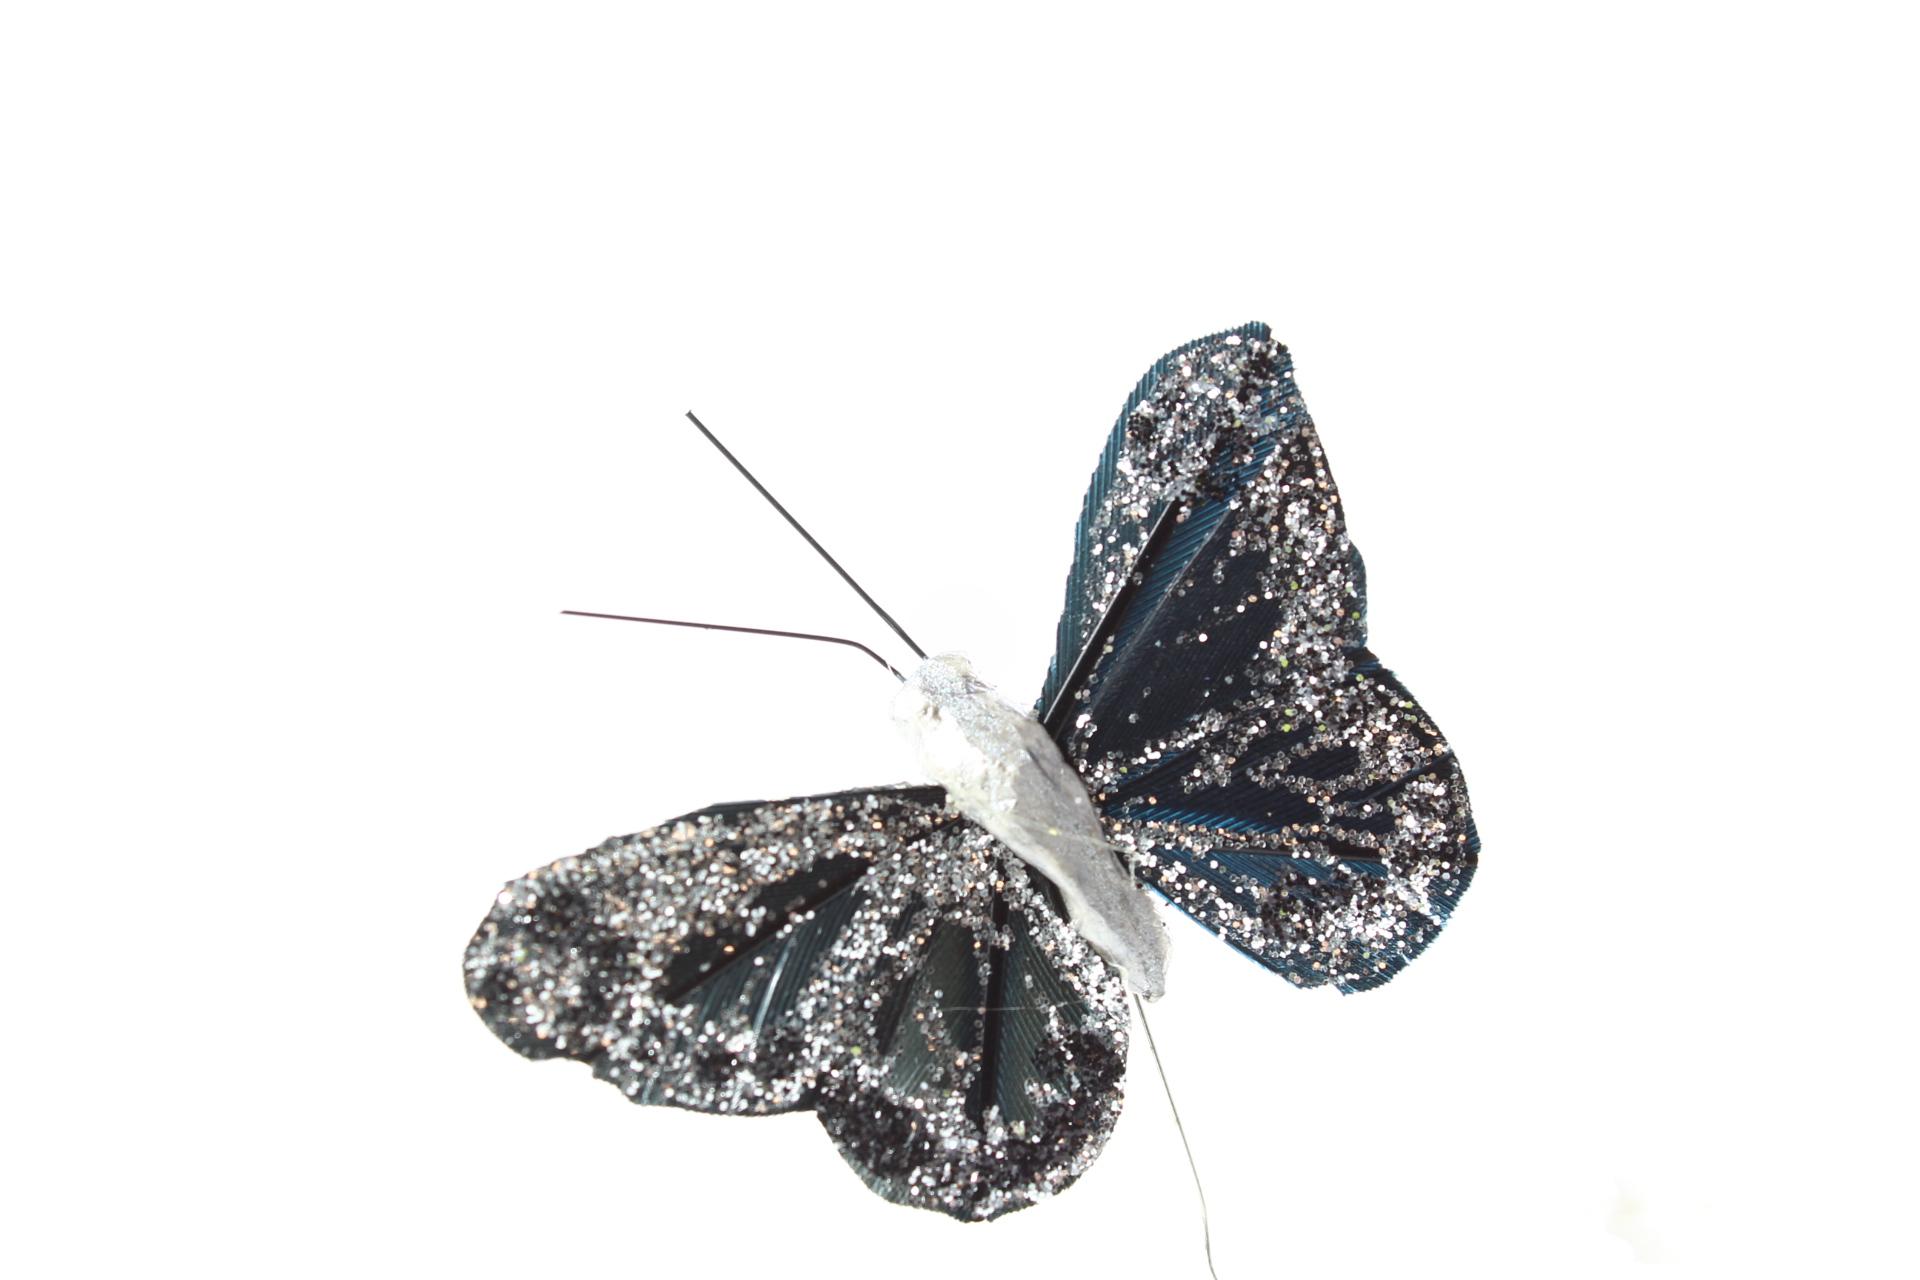 24 x 5.5cm Butterflies